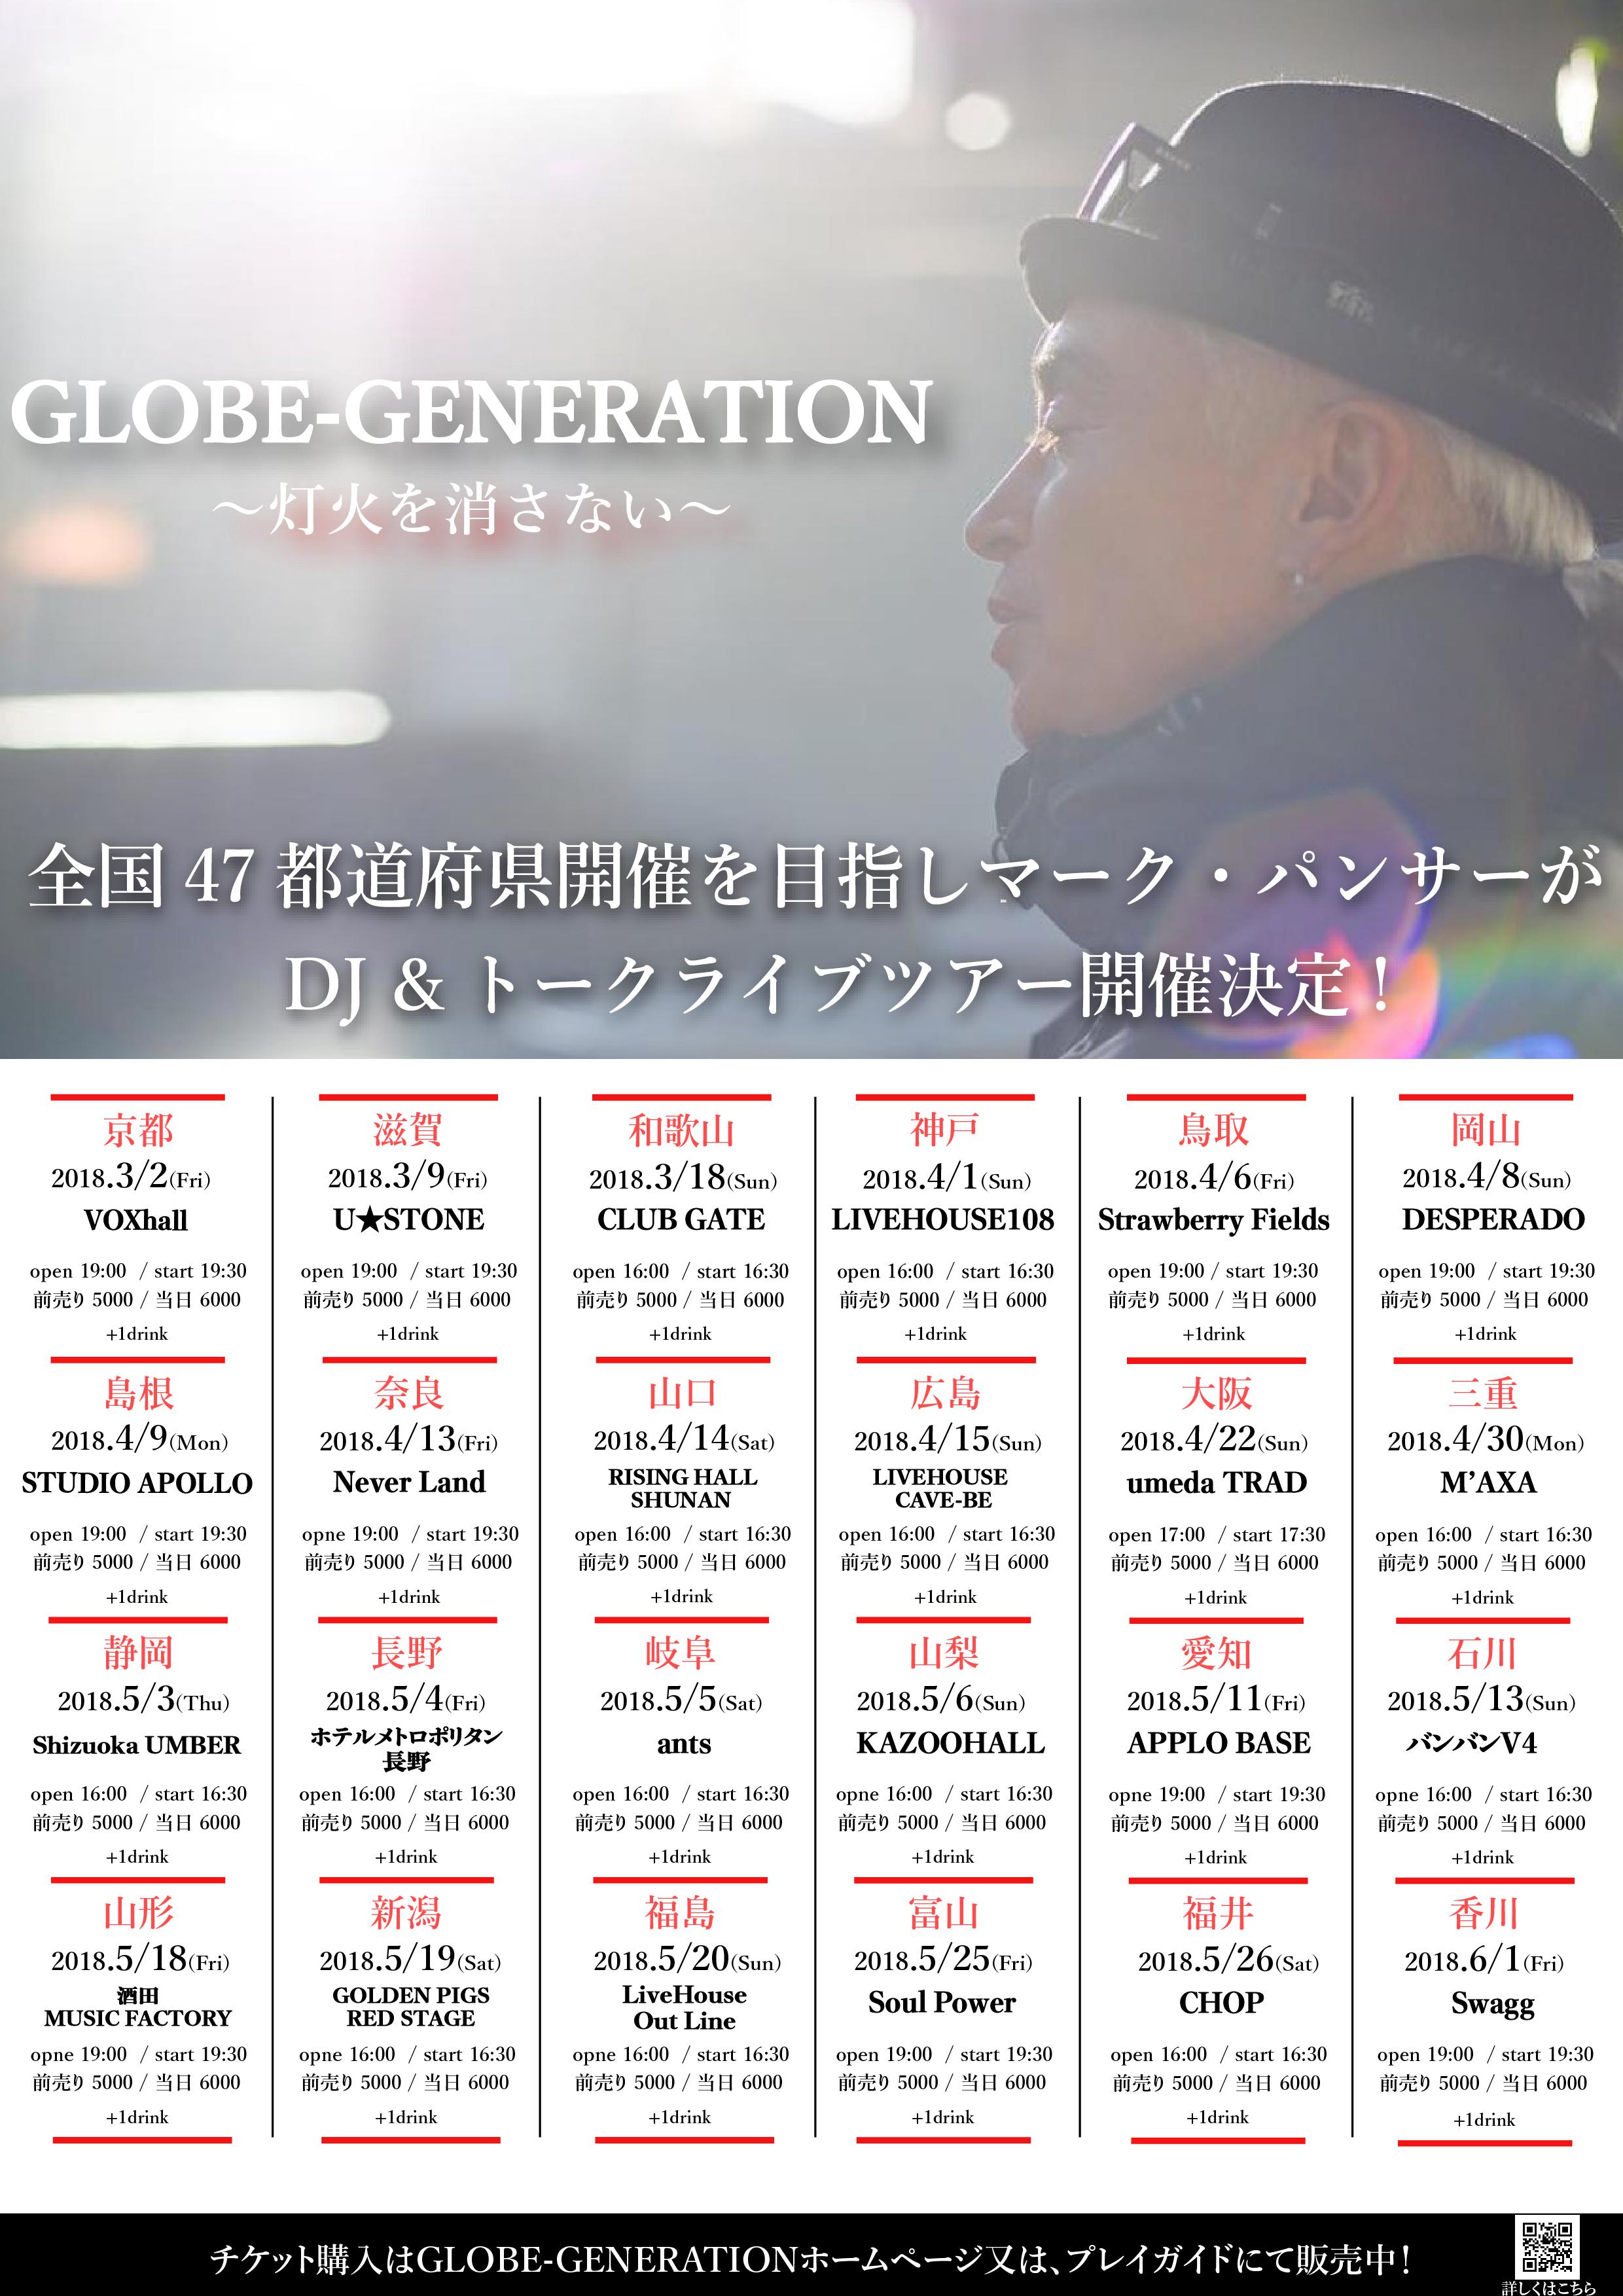 GLOBE-GENERATION フライヤー-